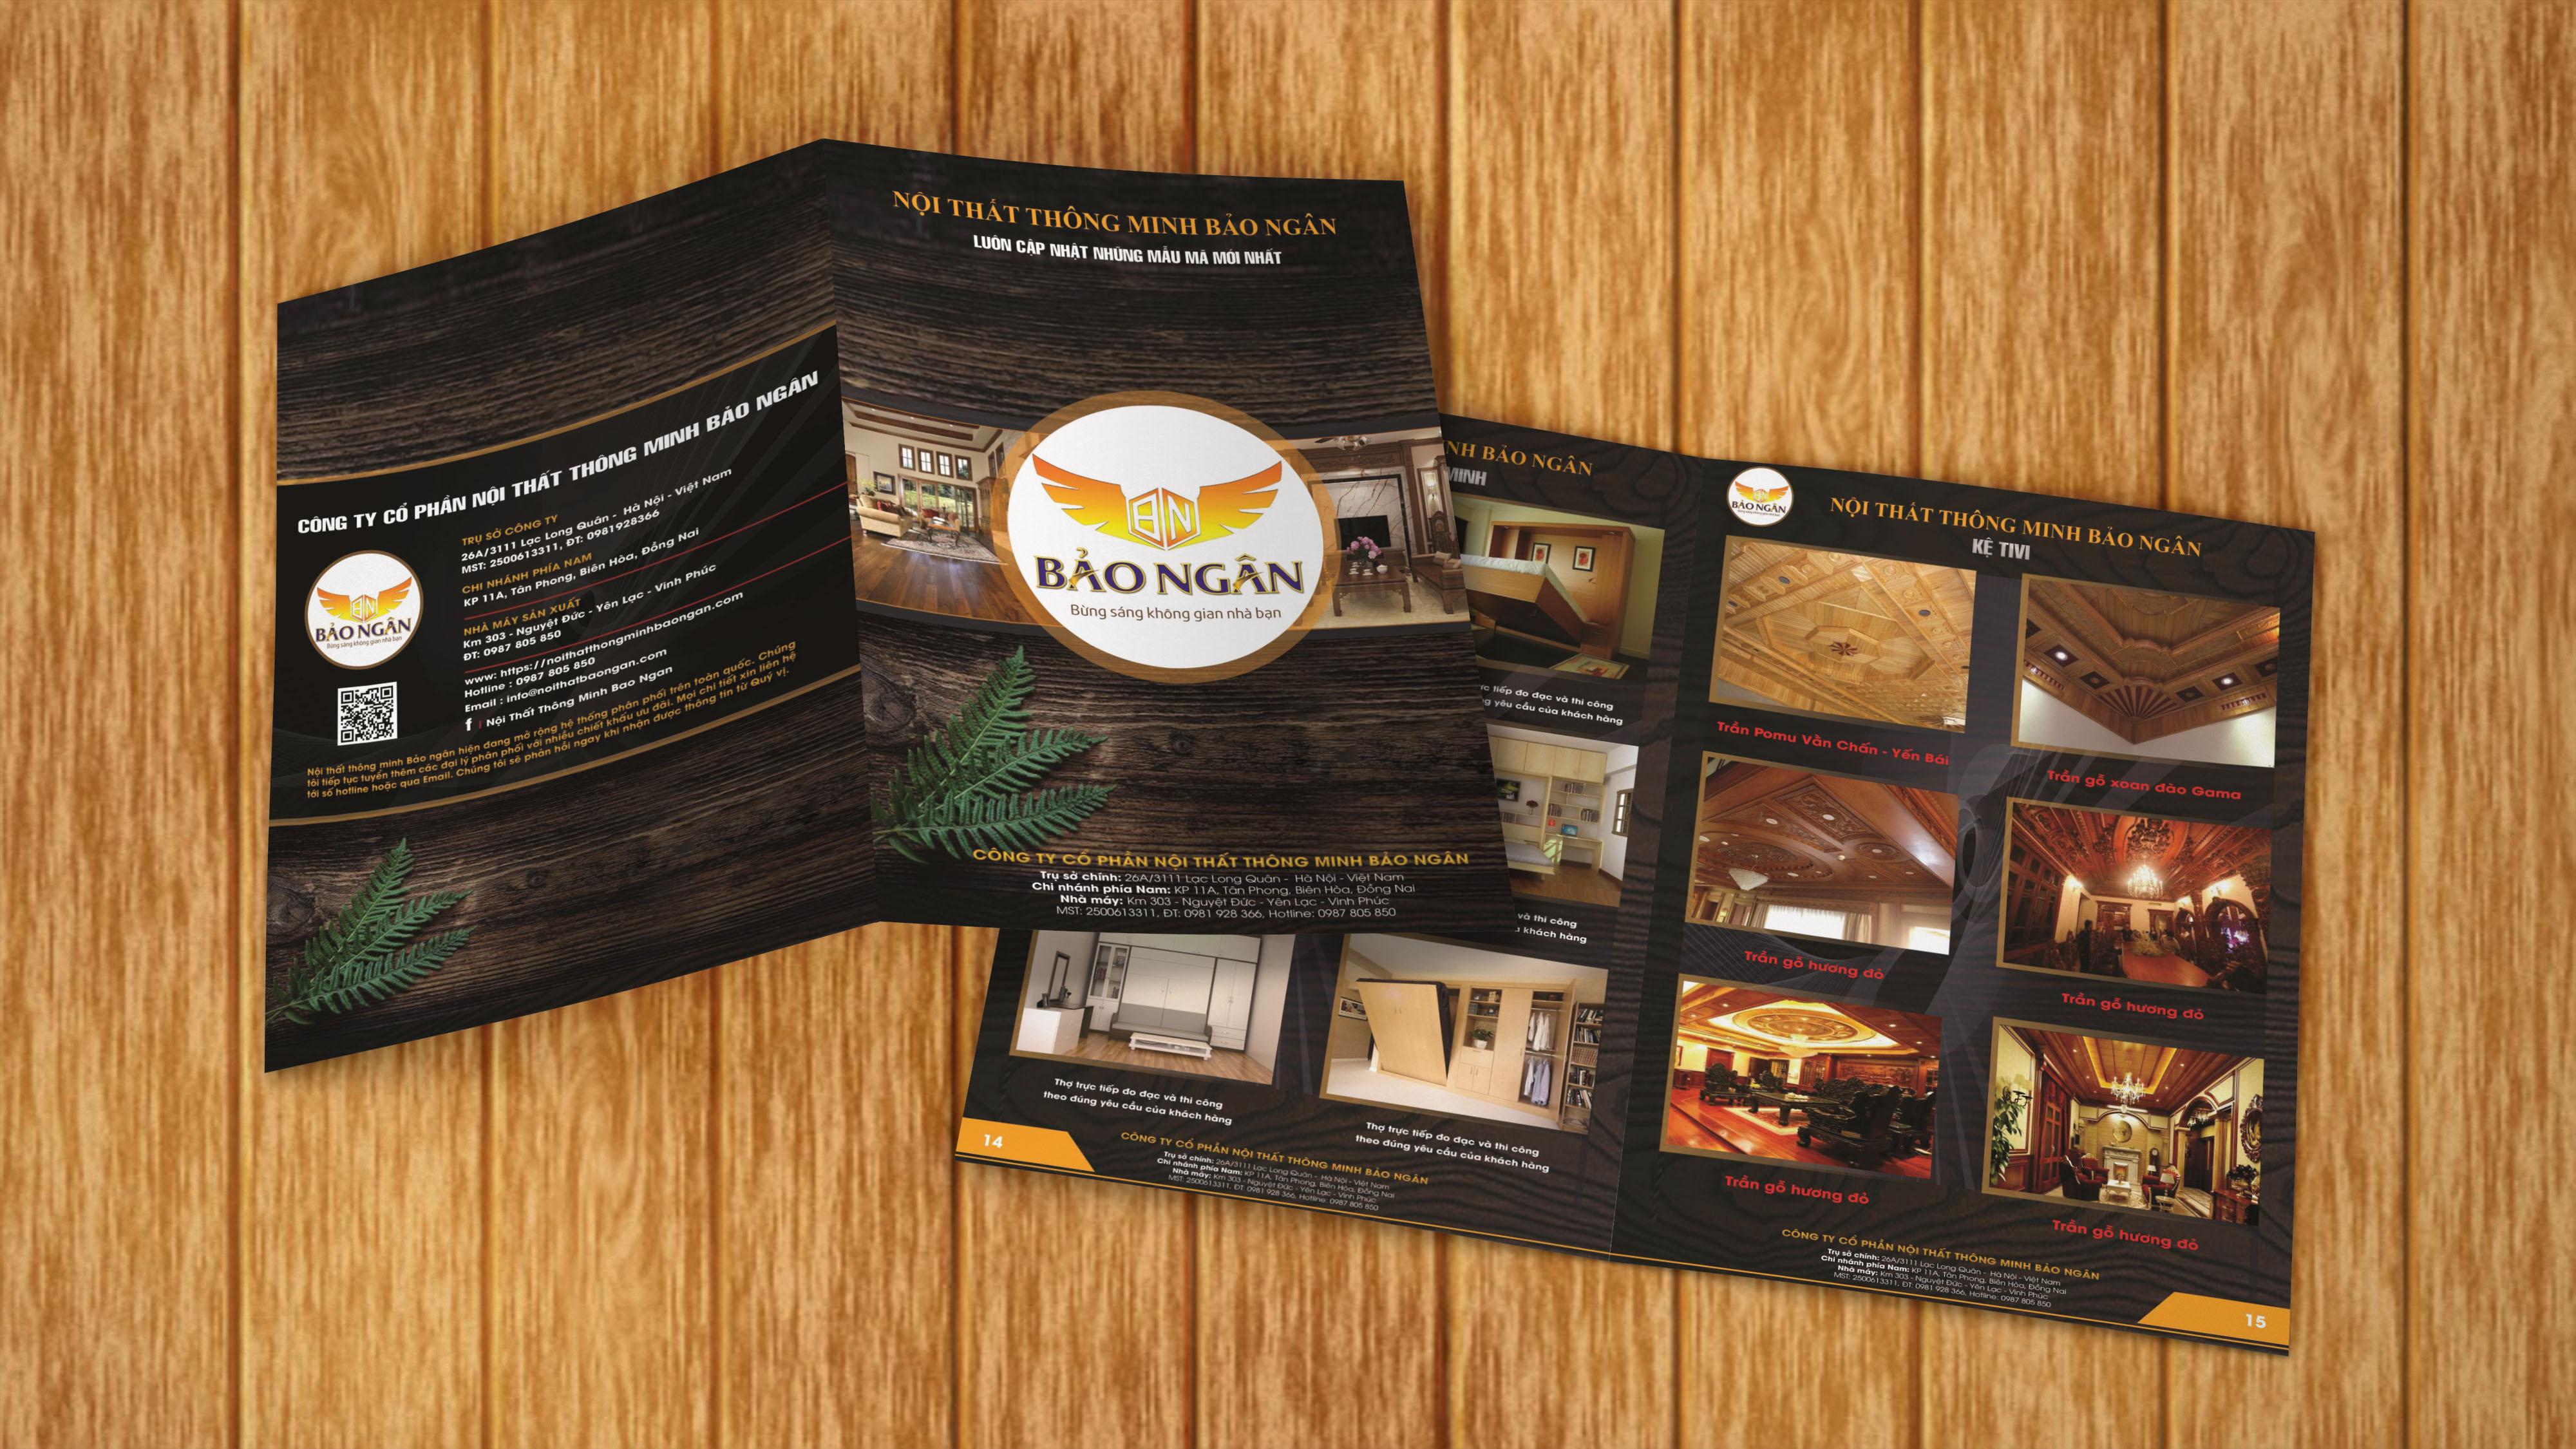 thiết kế catalogue nội thất bảo ngân 3